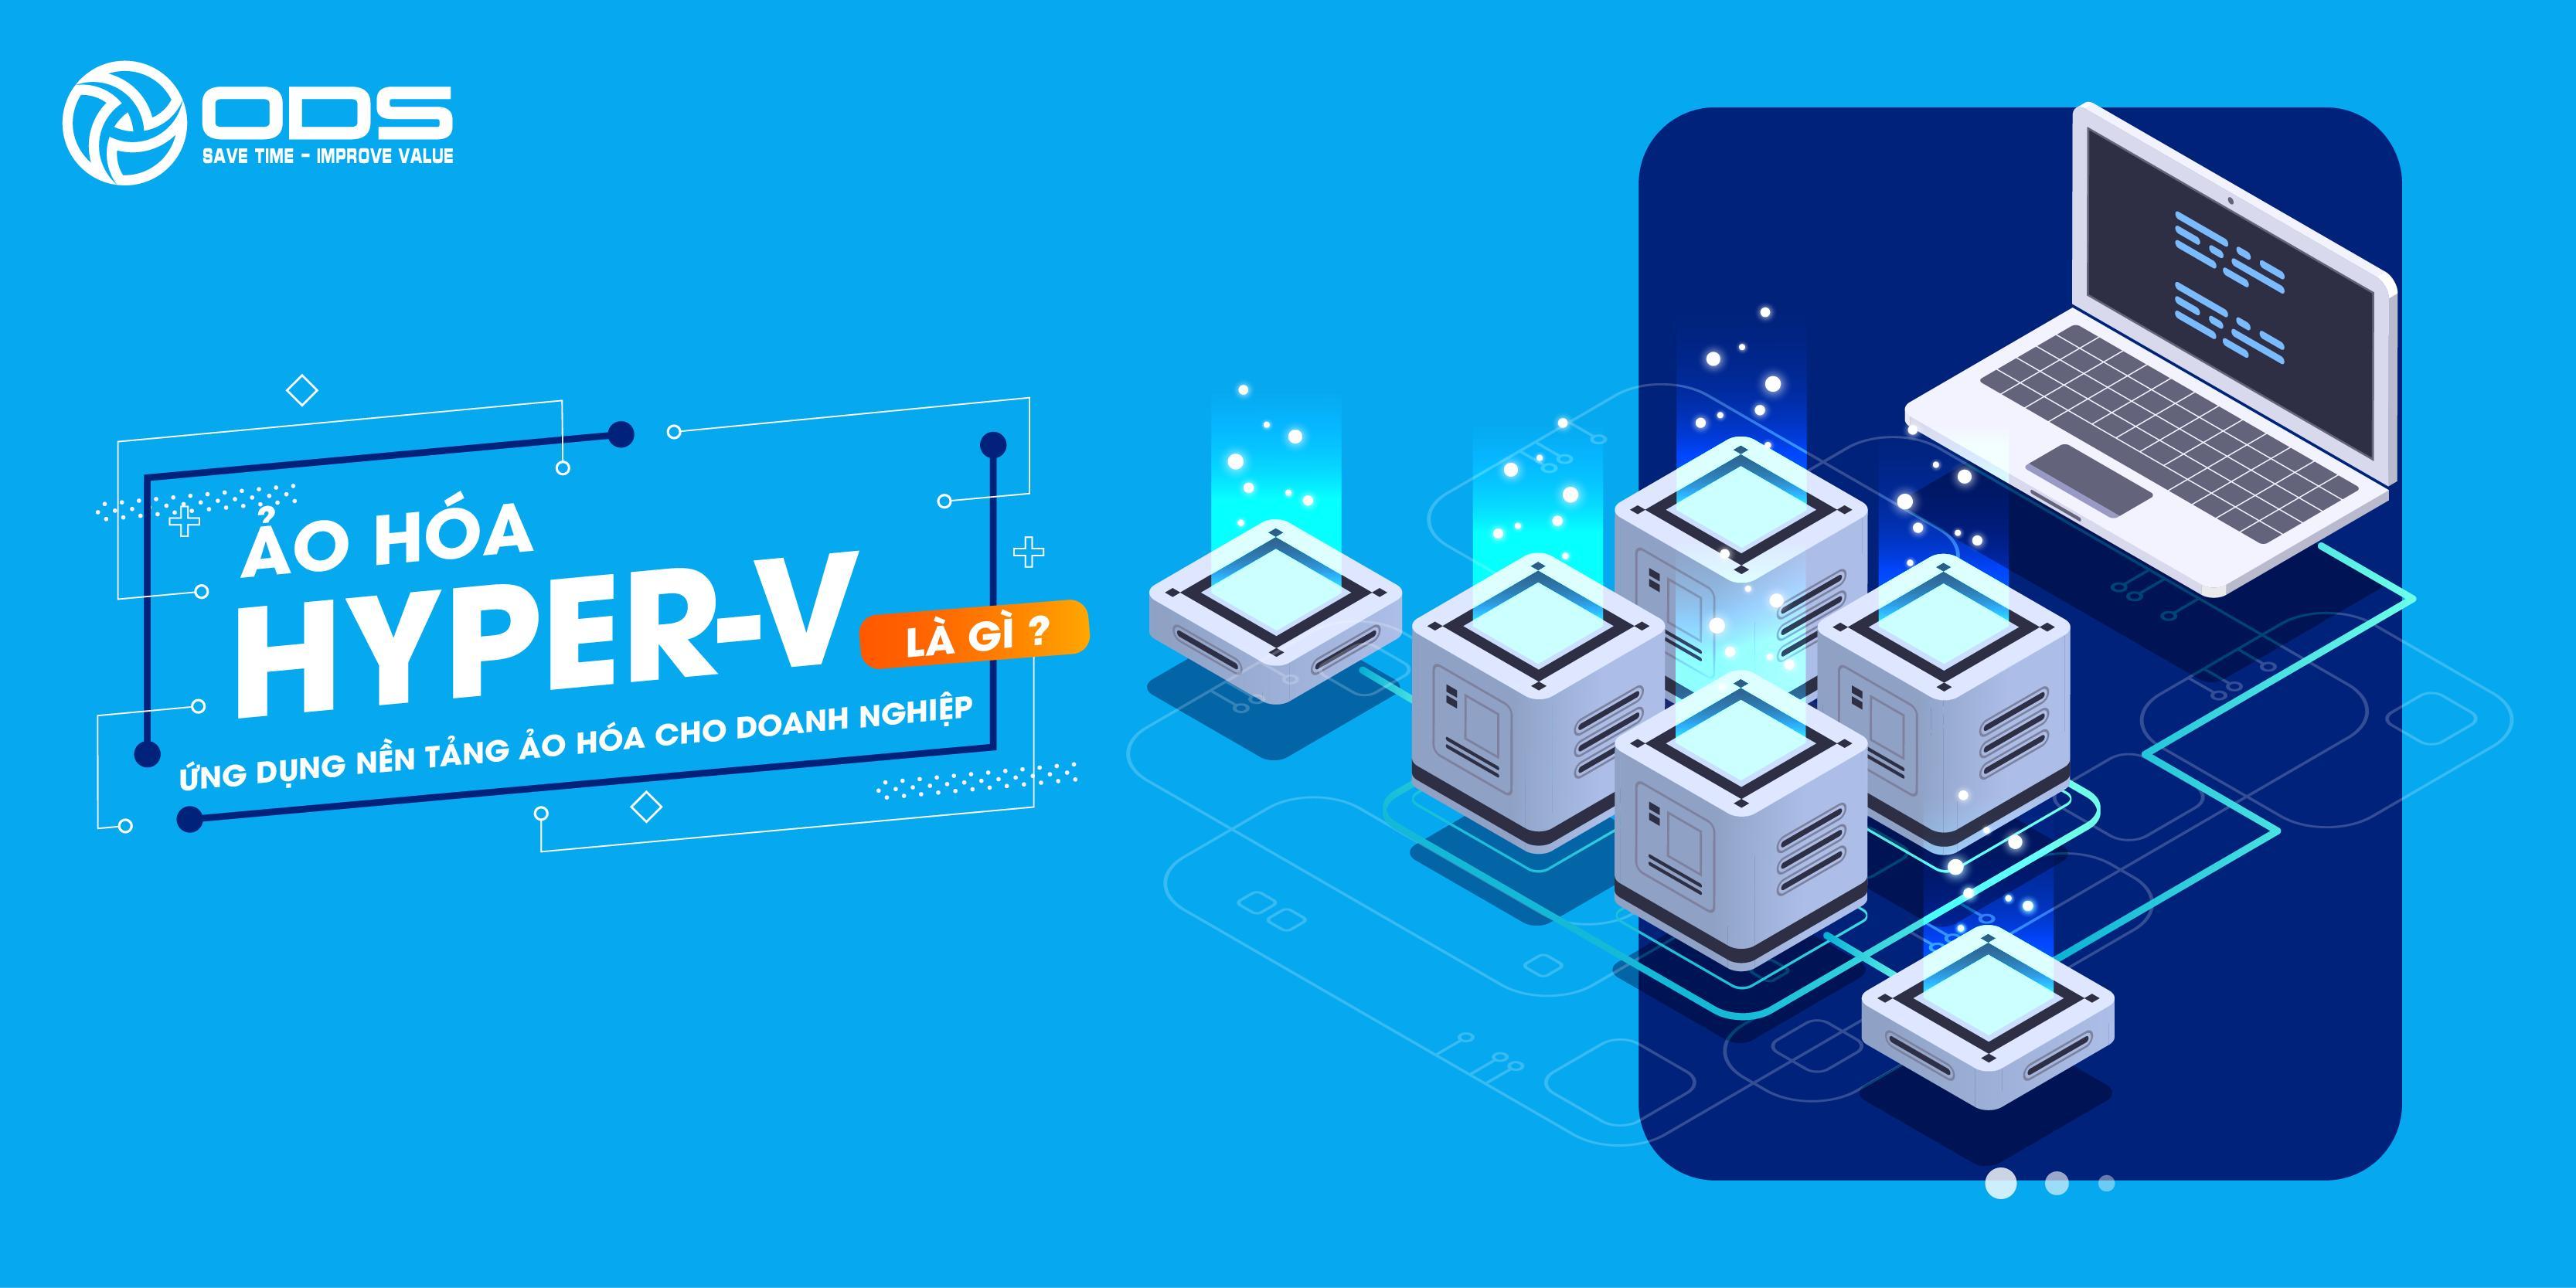 Công nghệ ảo hóa Hyper-V cho doanh nghiệp